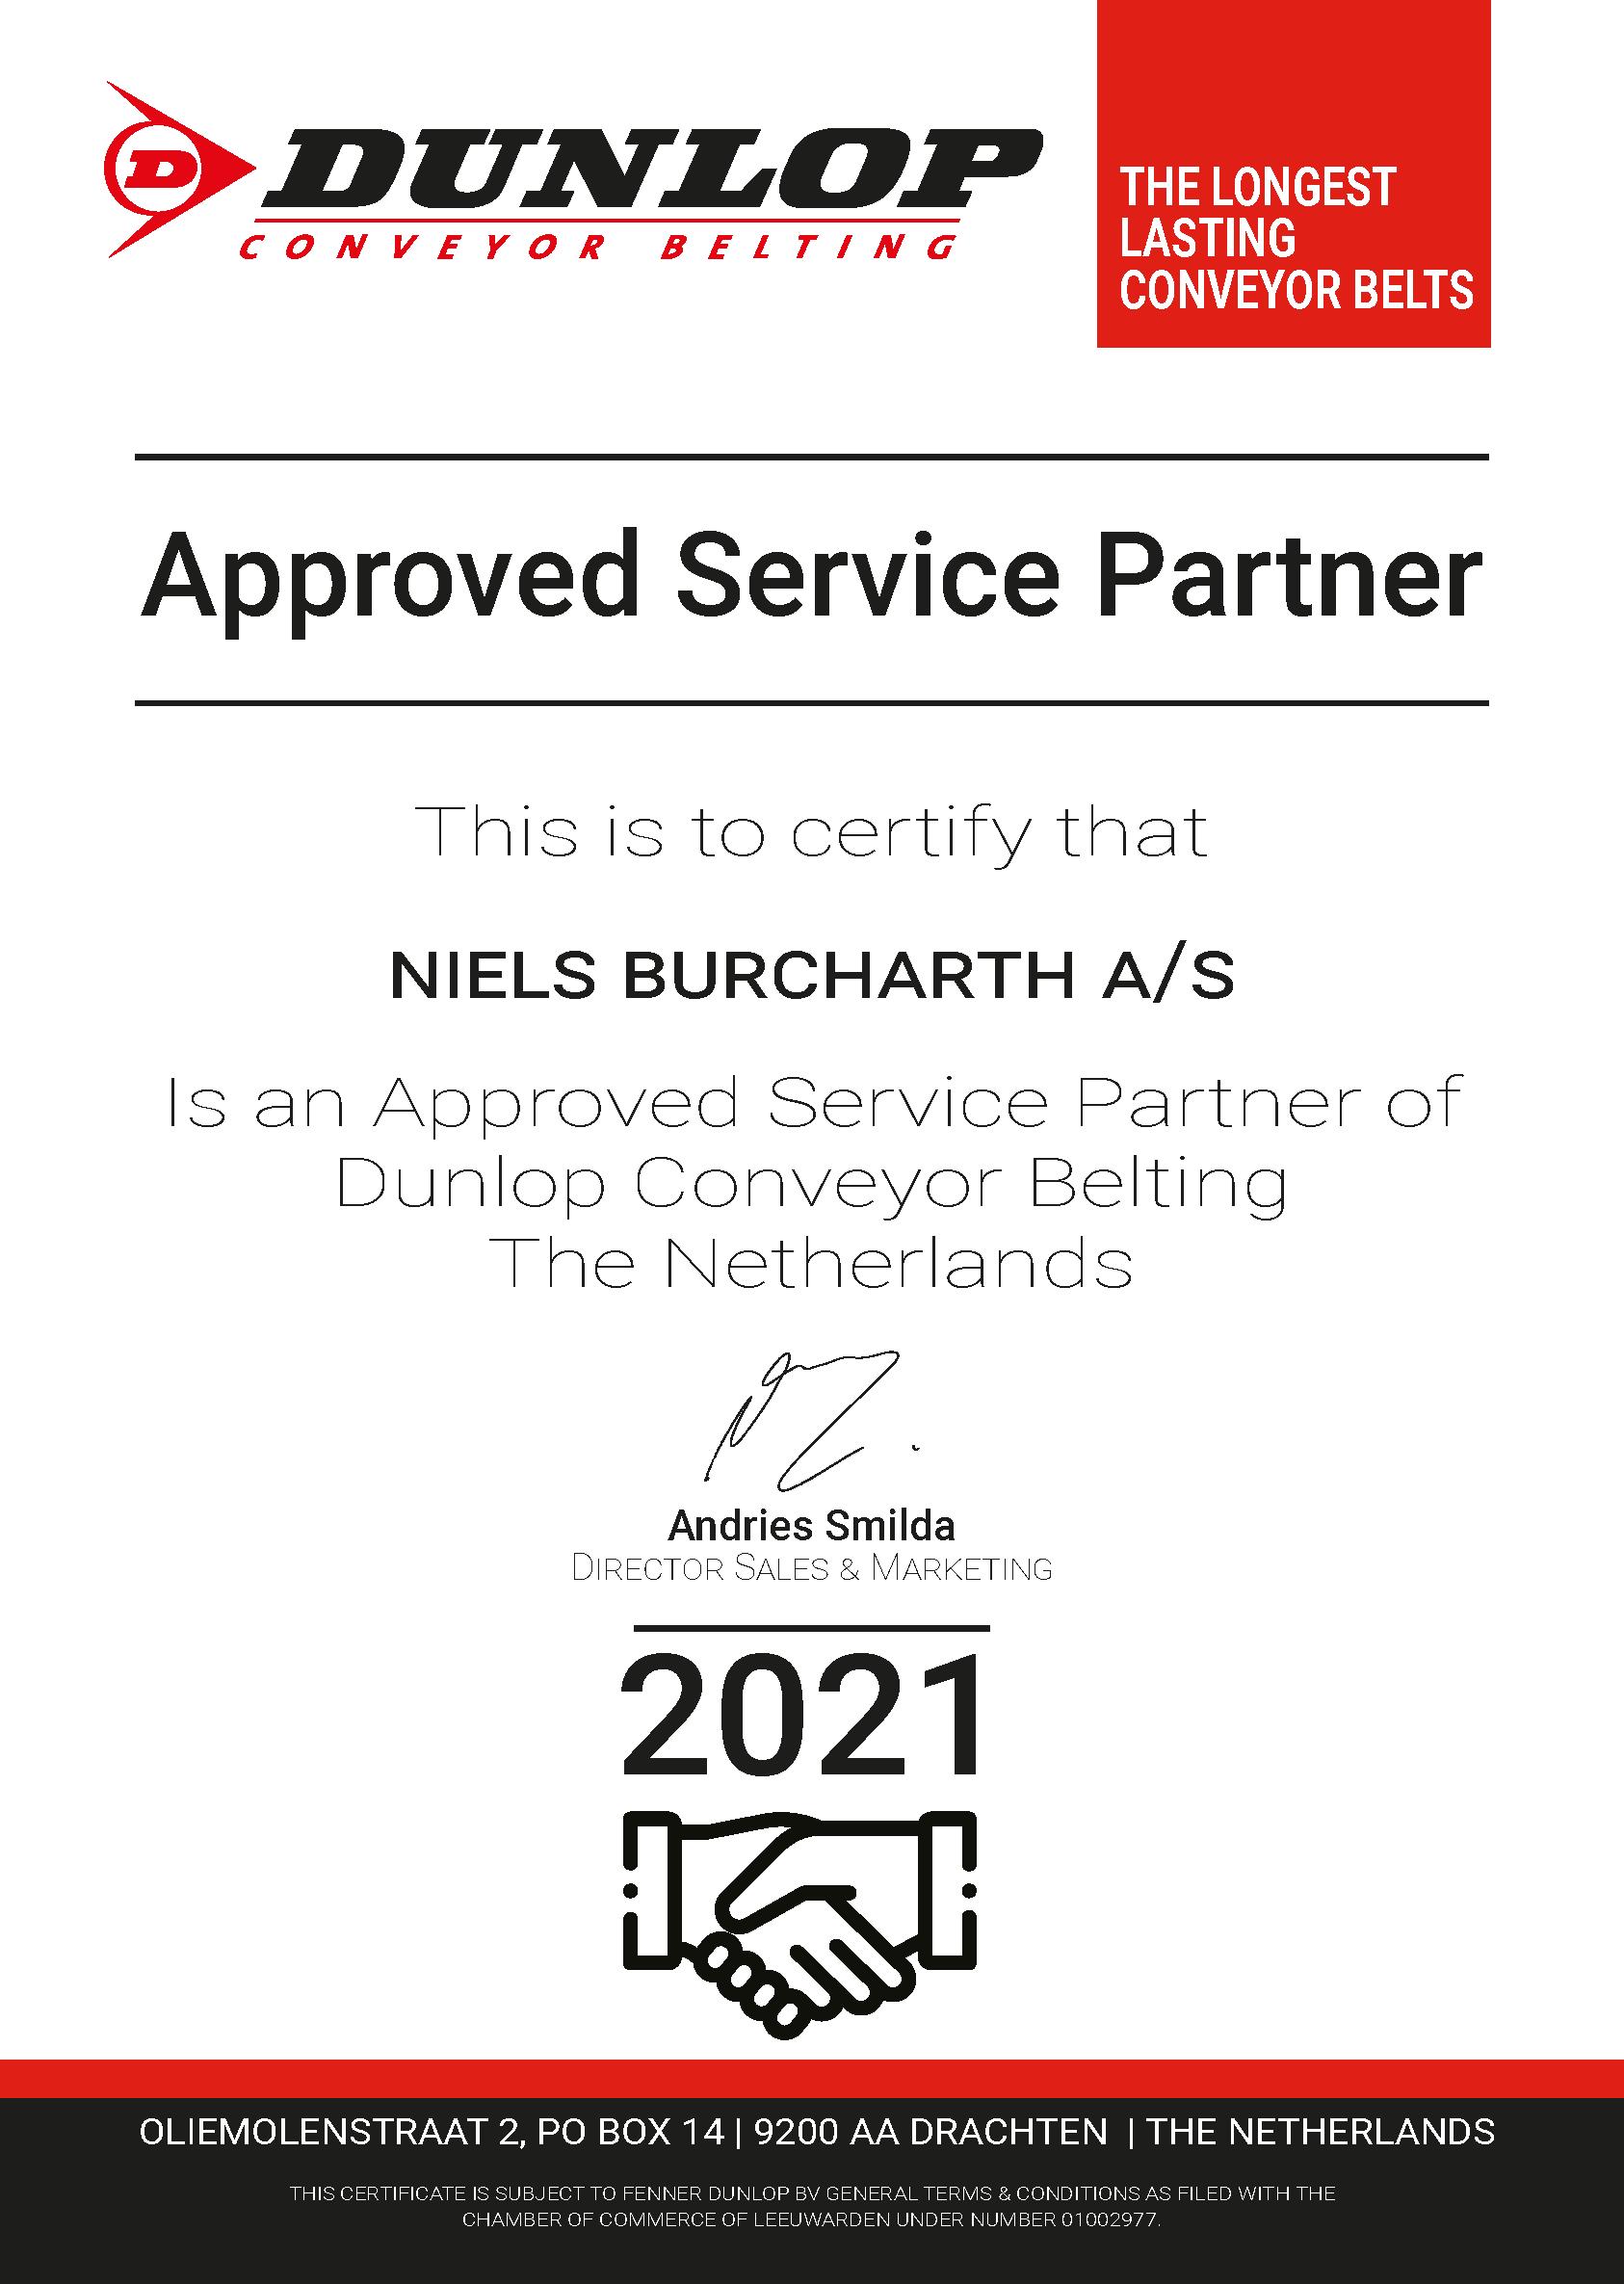 Cerifikat for Approved Service Partner hos DUNLOP Conveyor Belting